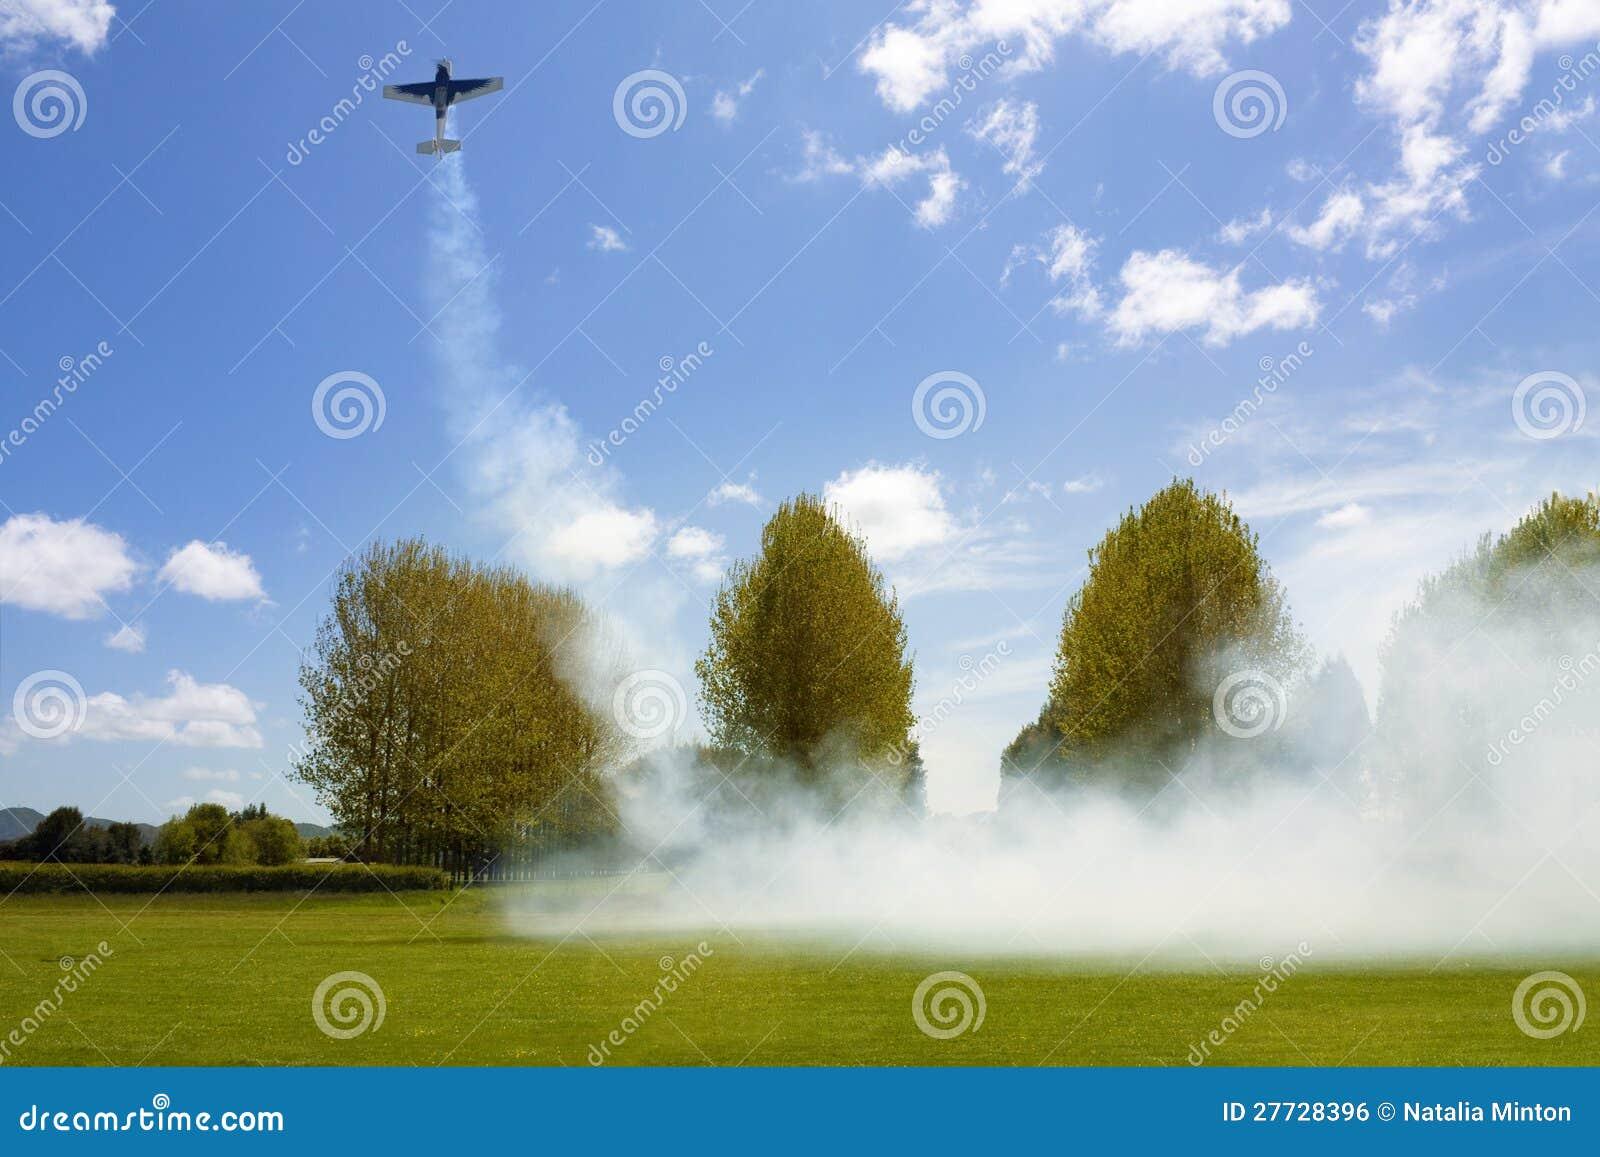 Vorbildliches Flugwesen der Flugzeuge